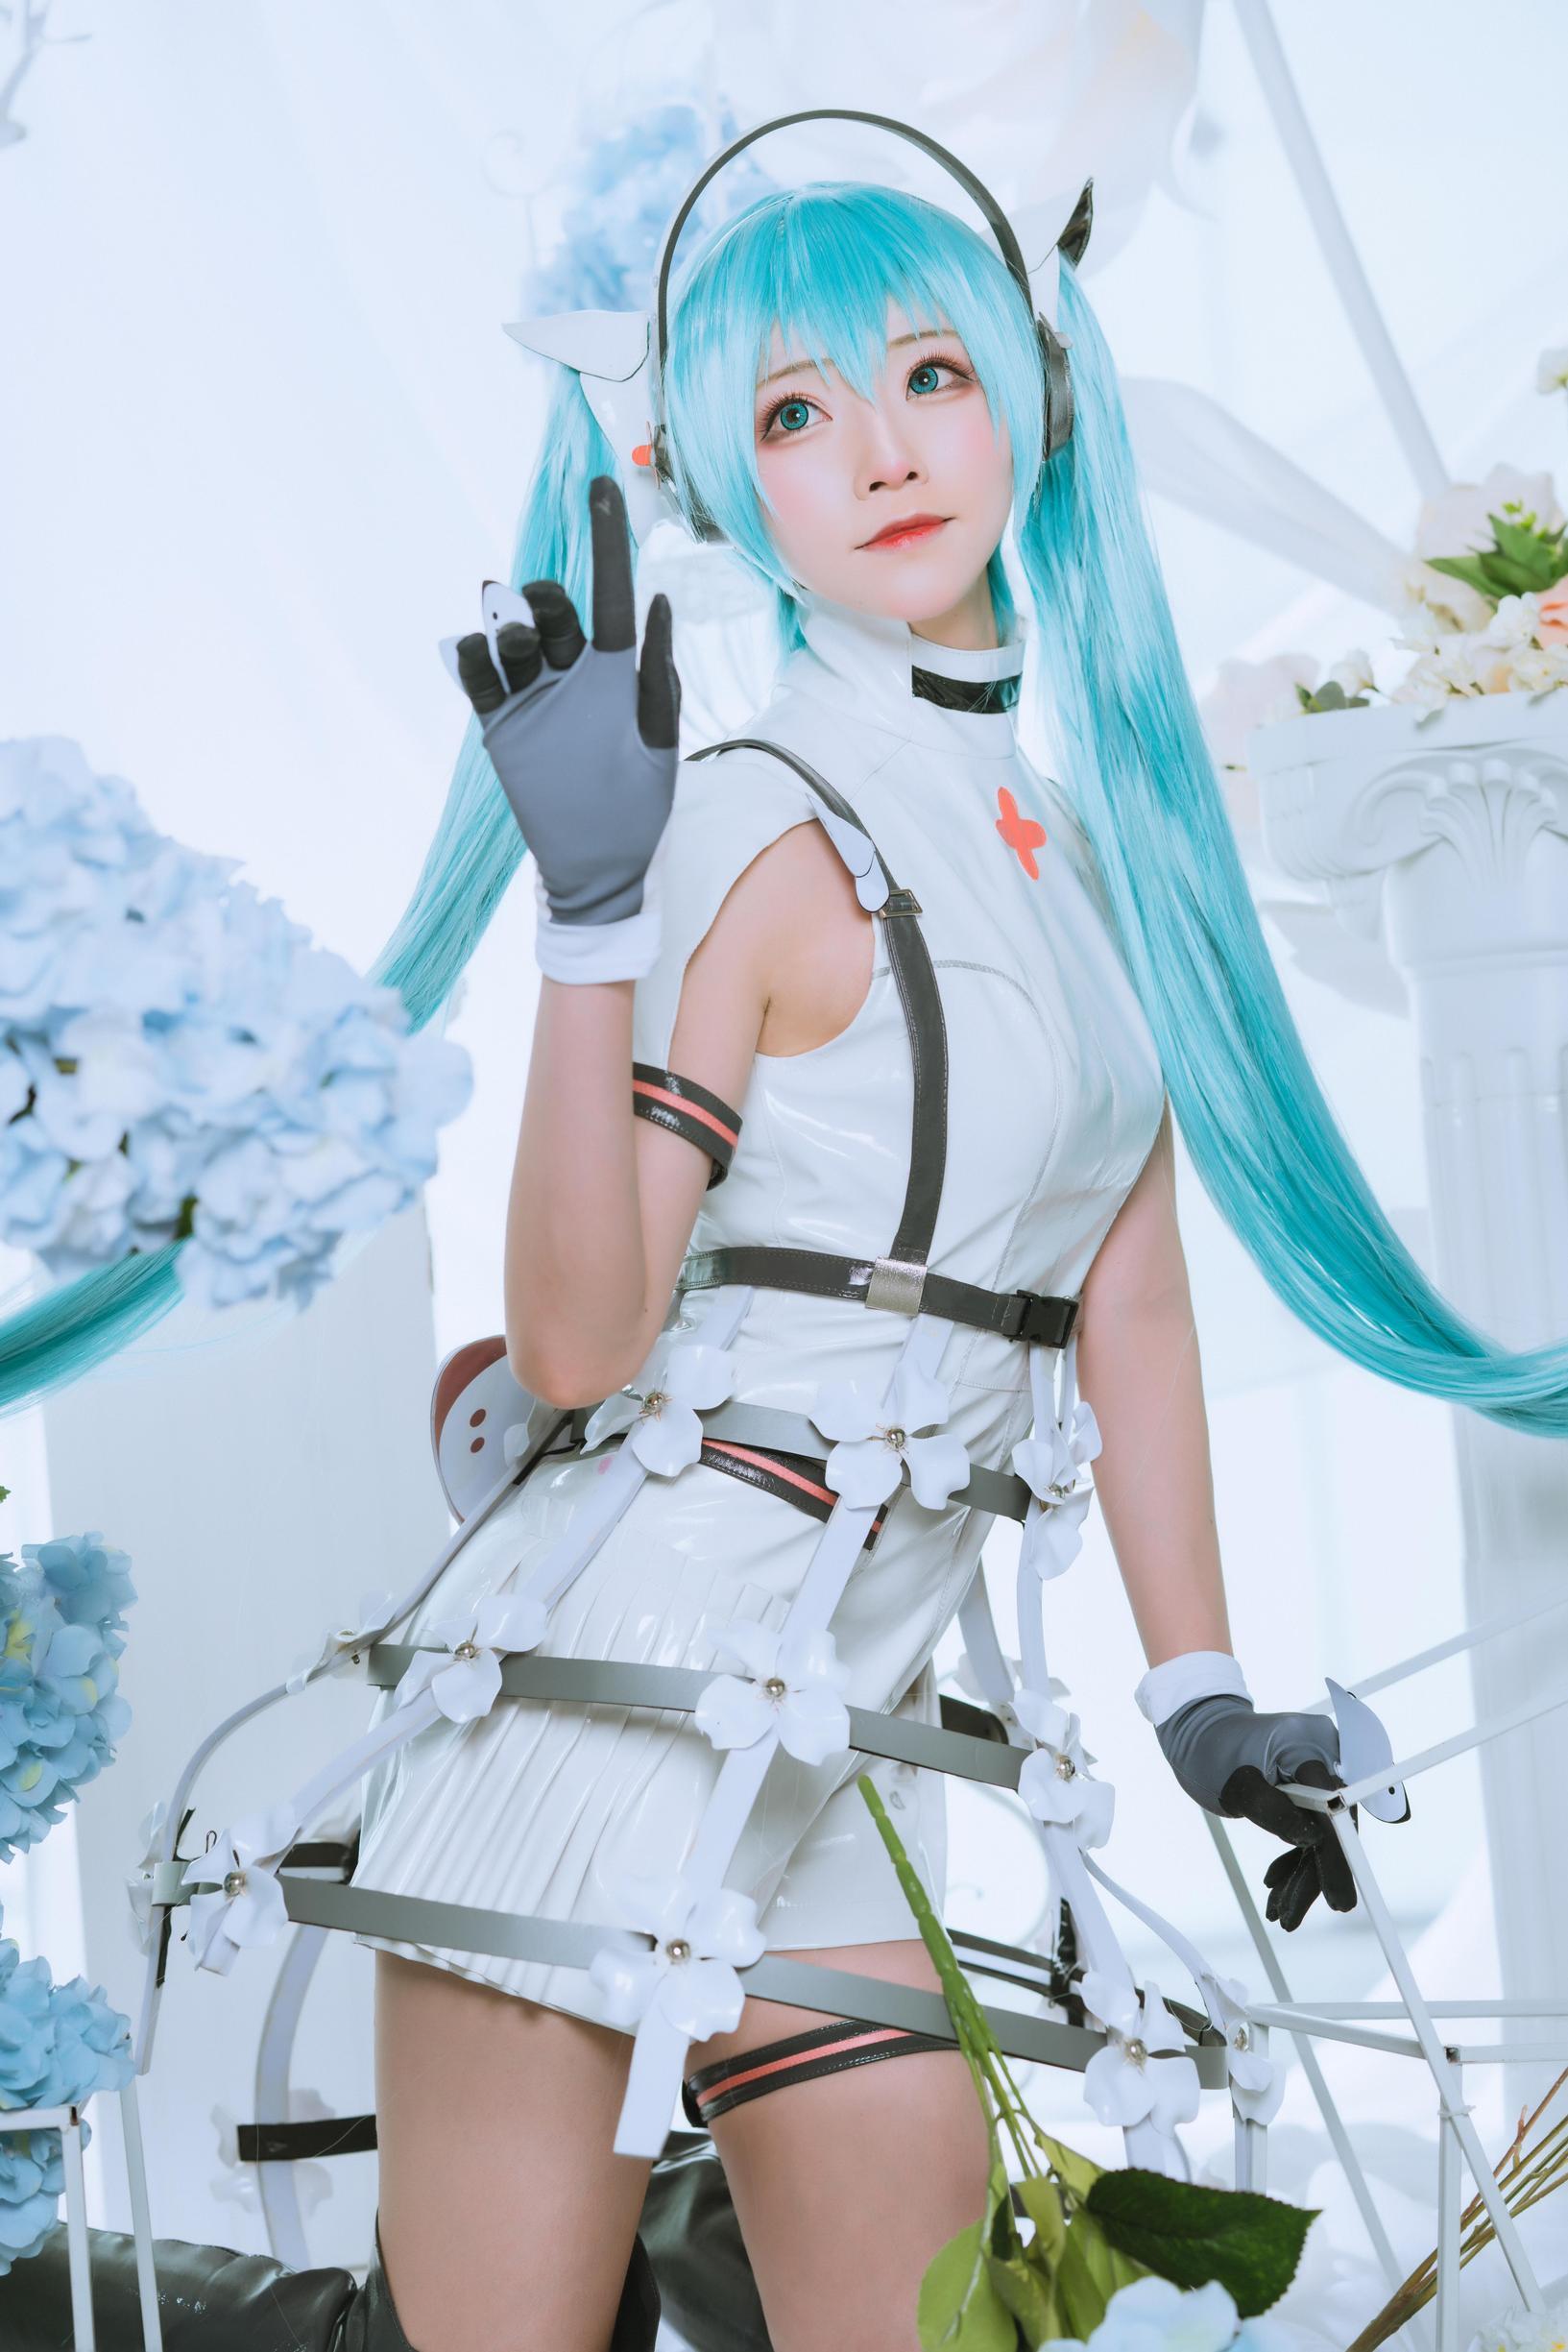 少女cosplay【CN:Kitaro_绮太郎】-第23张